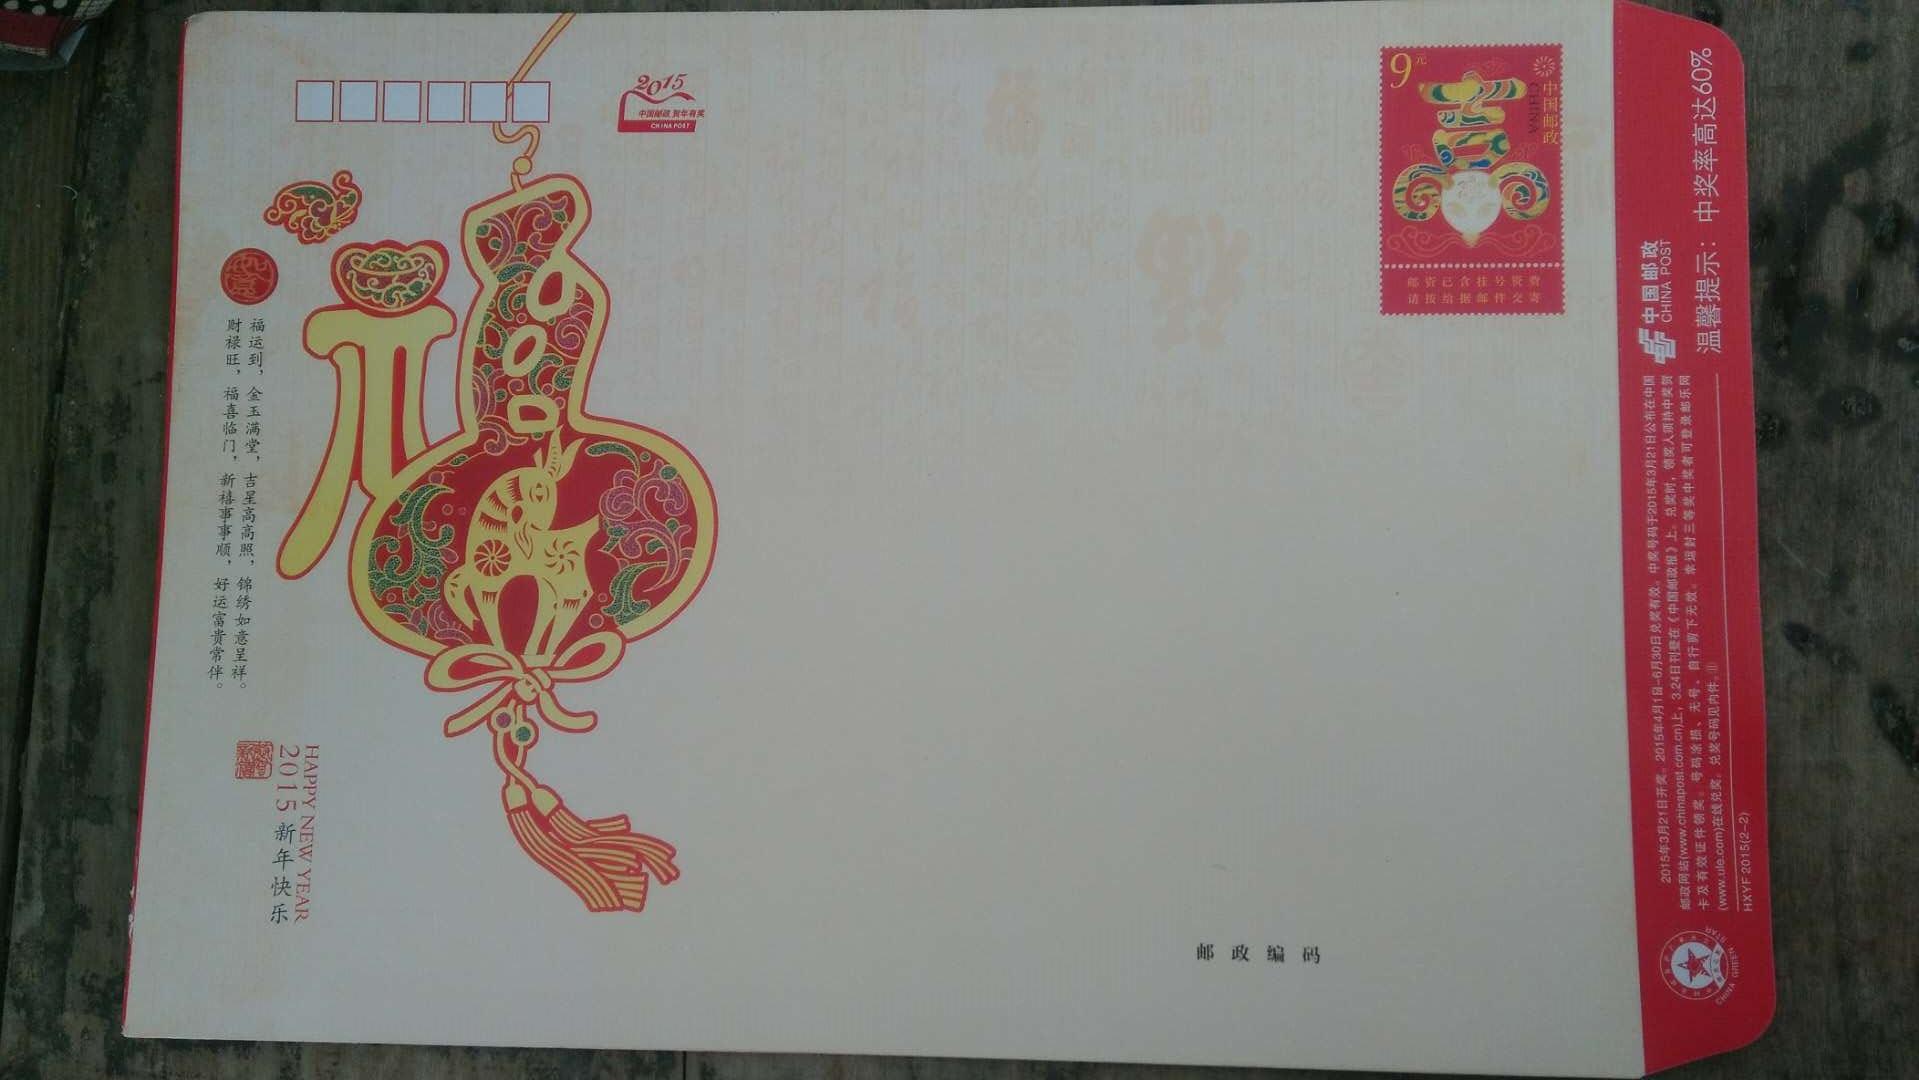 Отпразднуйте шестилетнюю счастливую печать 9 юаней на почтовой почте Lucky Seal толстая версия полный без слово Ограниченный срок